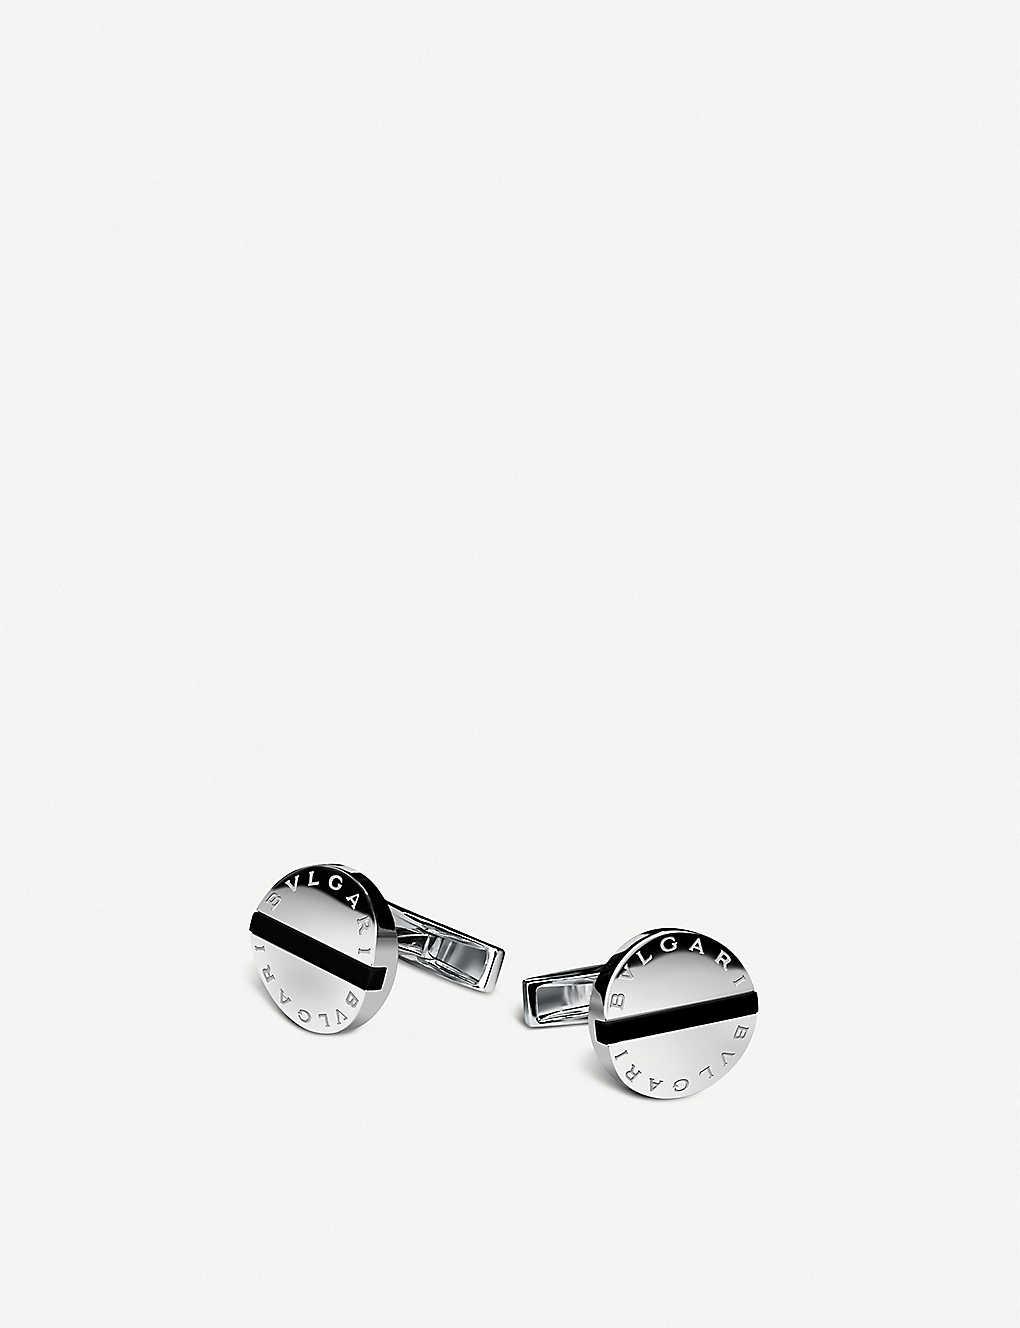 BVLGARI - Bvlgari-Bvlgari sterling silver and black onyx cufflinks